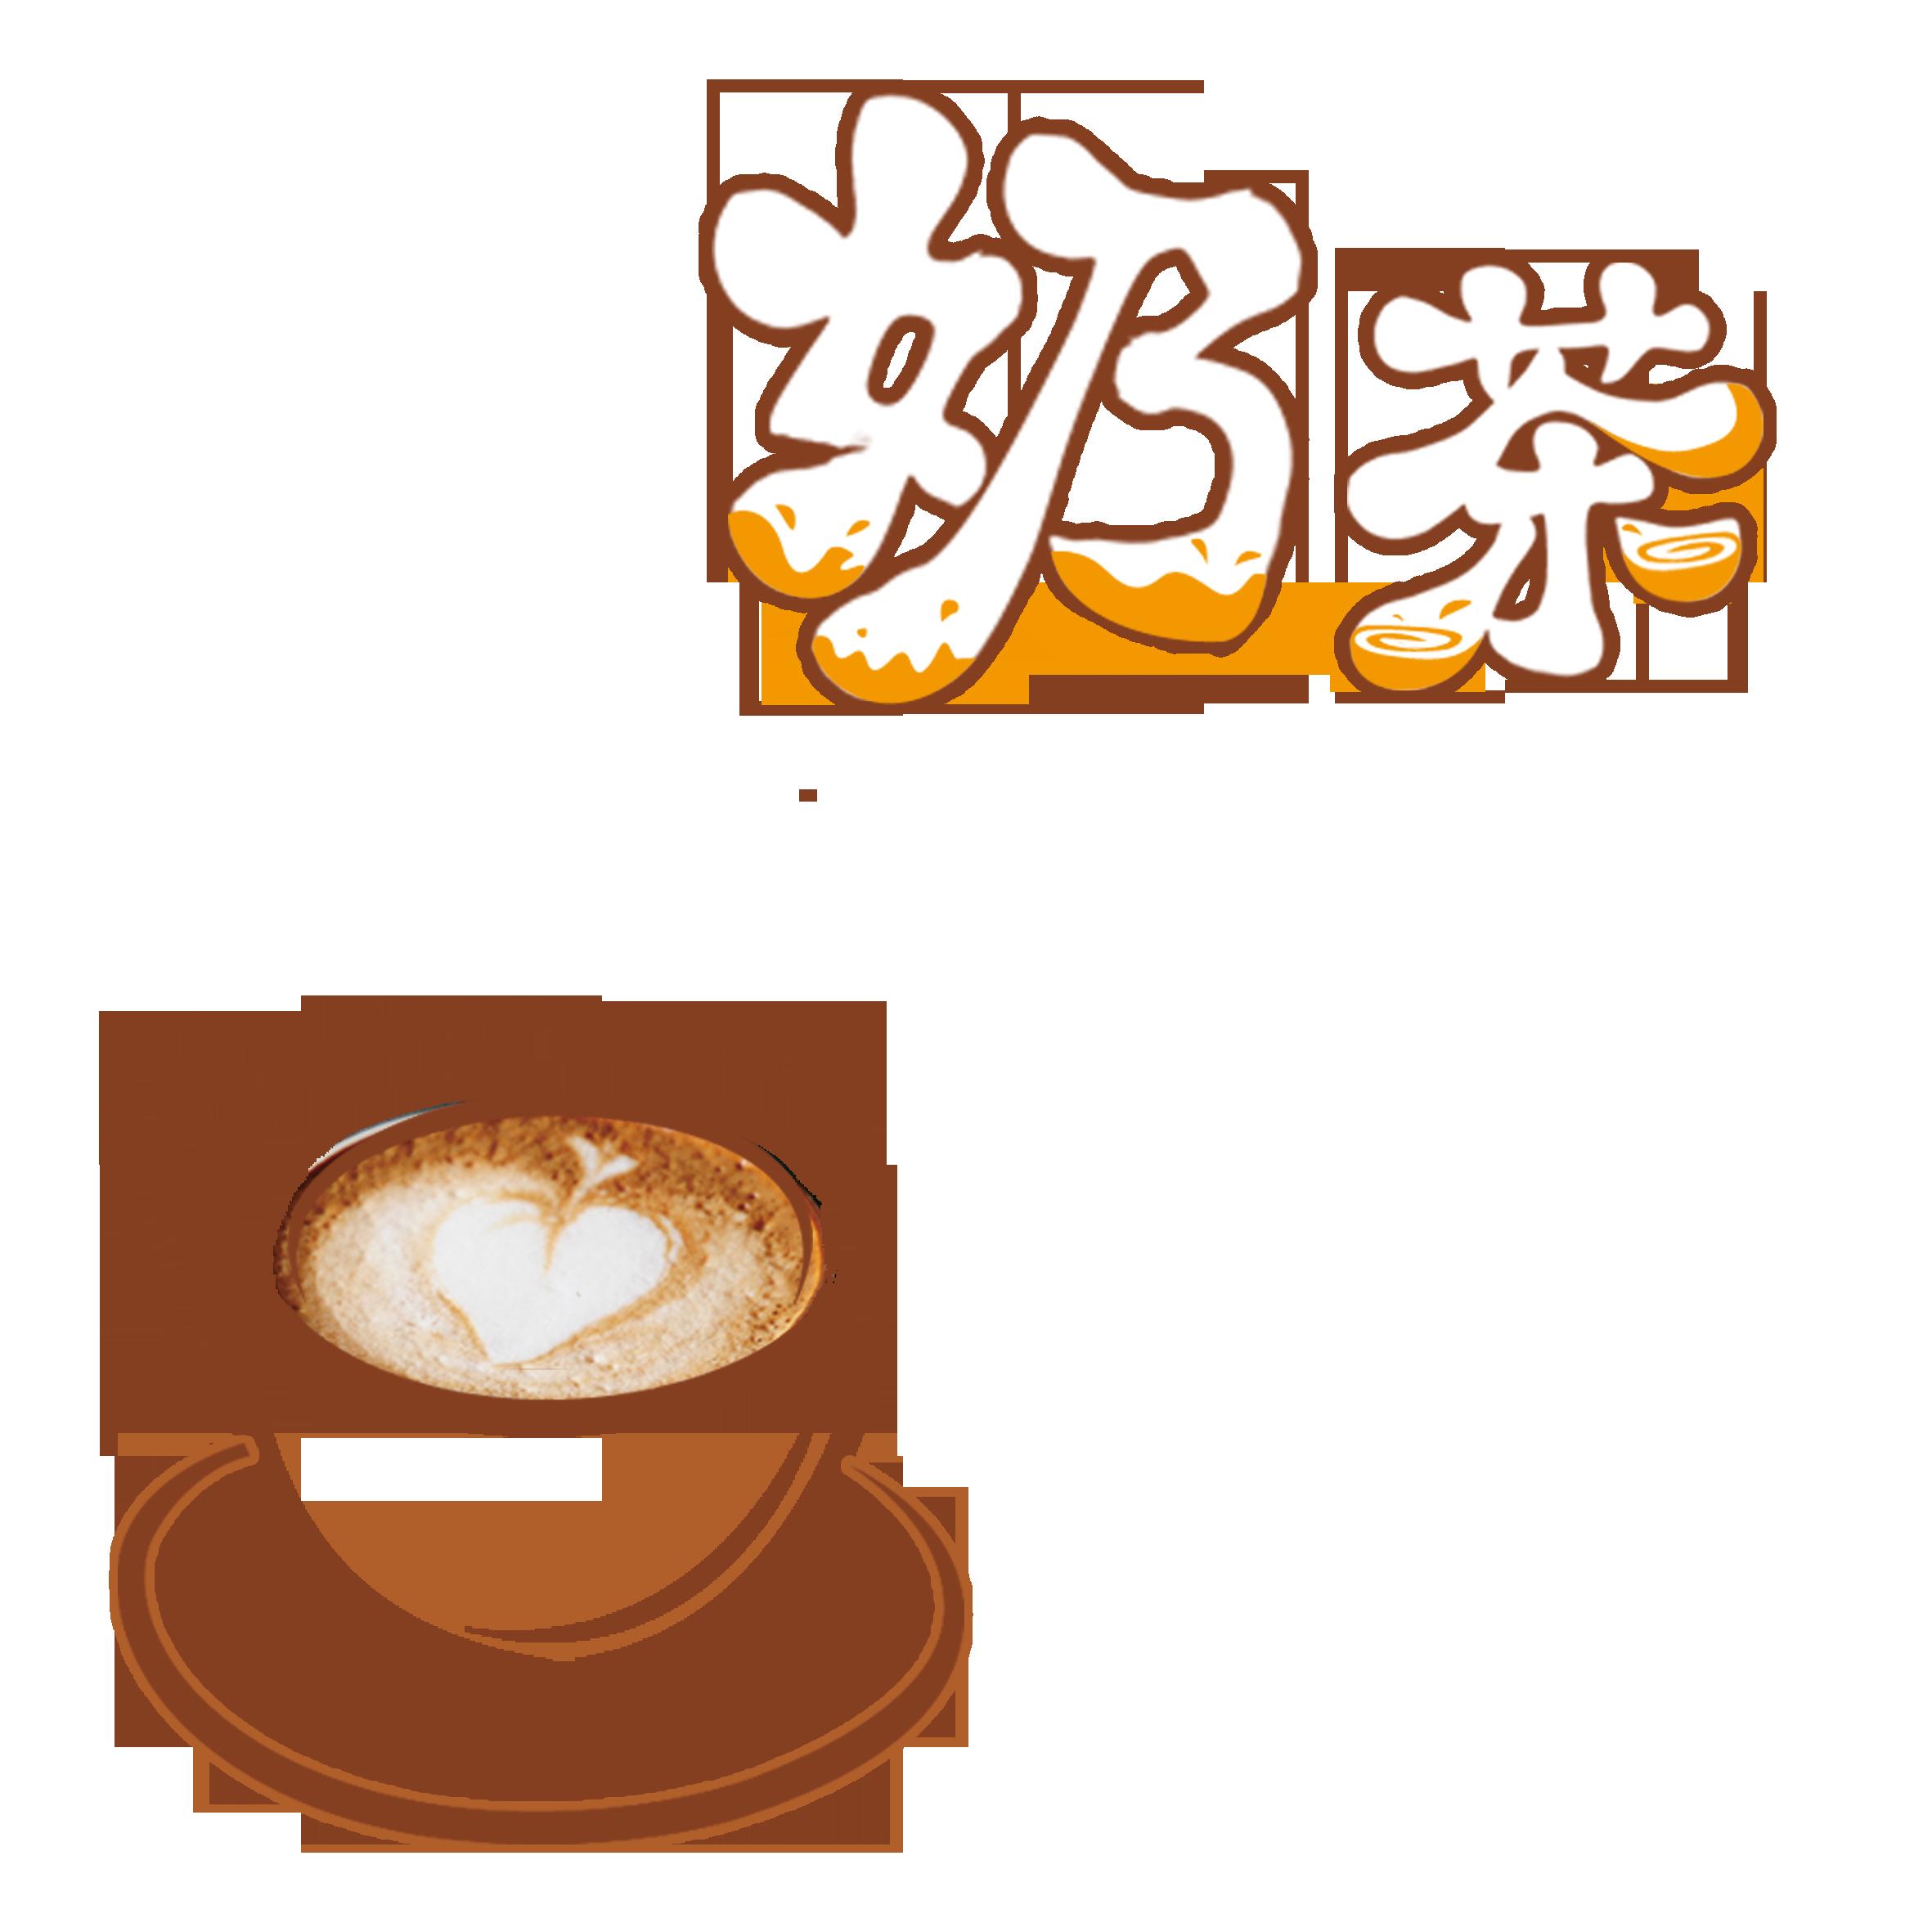 Shop clipart tea shop. Cappuccino hong kong style